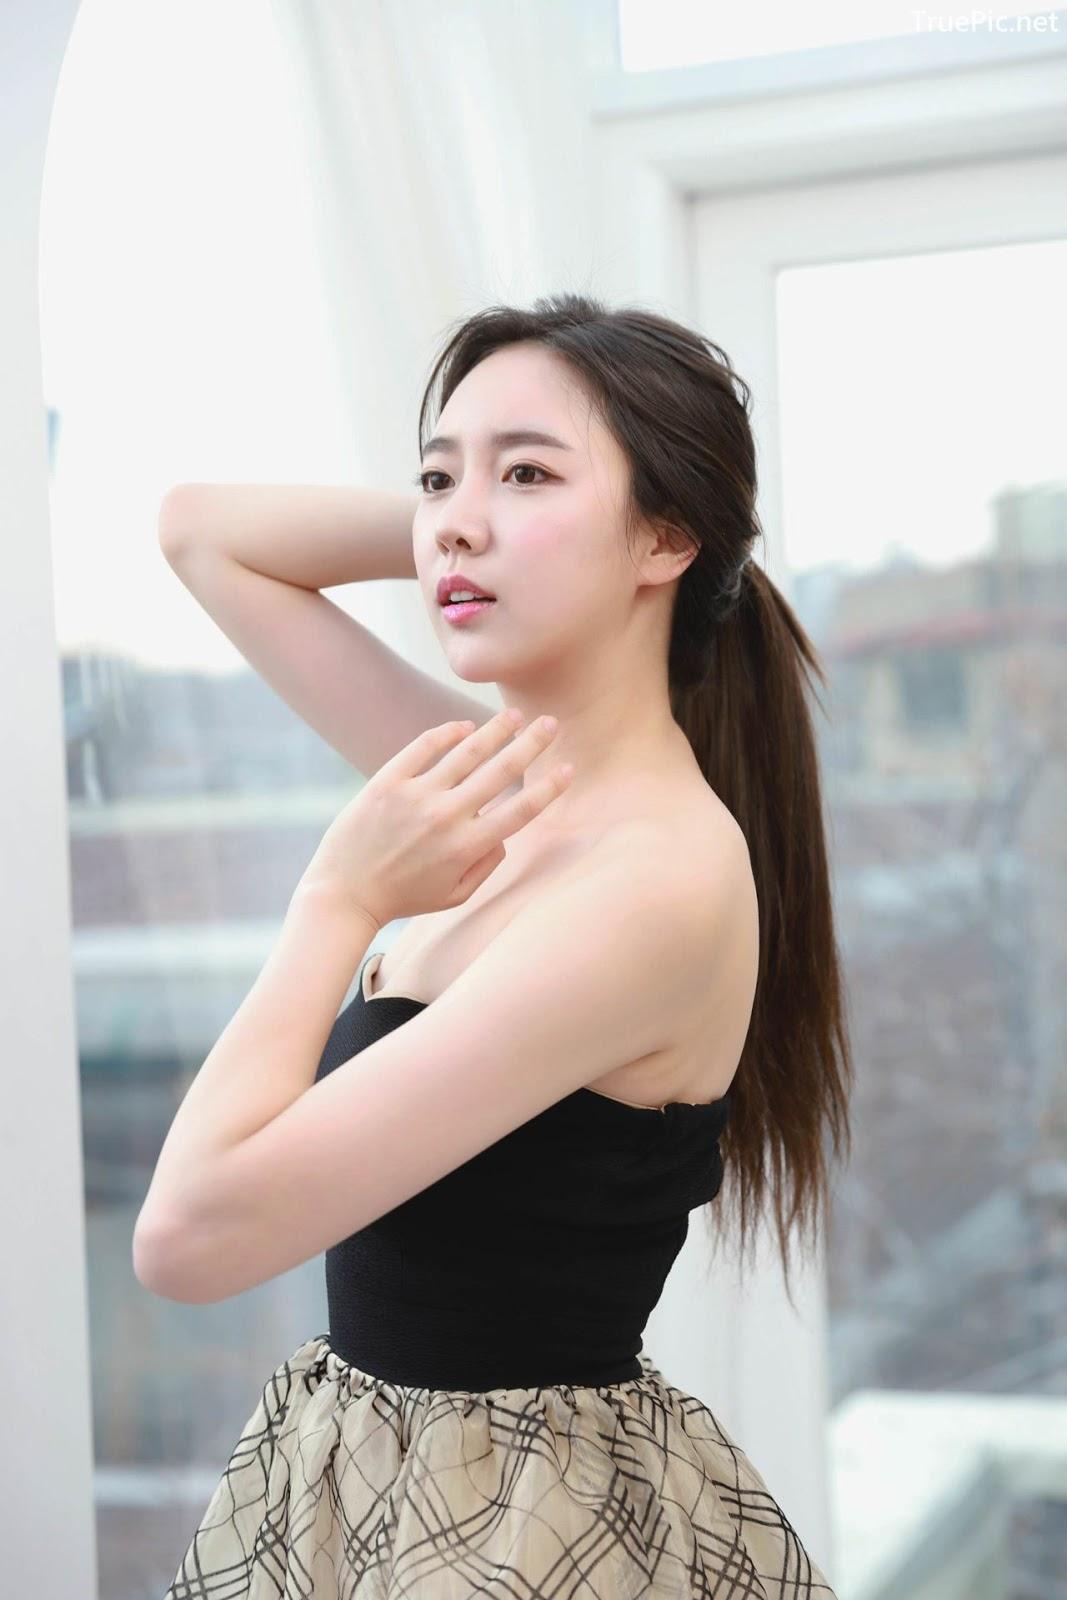 Image-Korean-Hot-Model-Go-Eun-Yang-Indoor-Photoshoot-Collection-TruePic.net- Picture-2